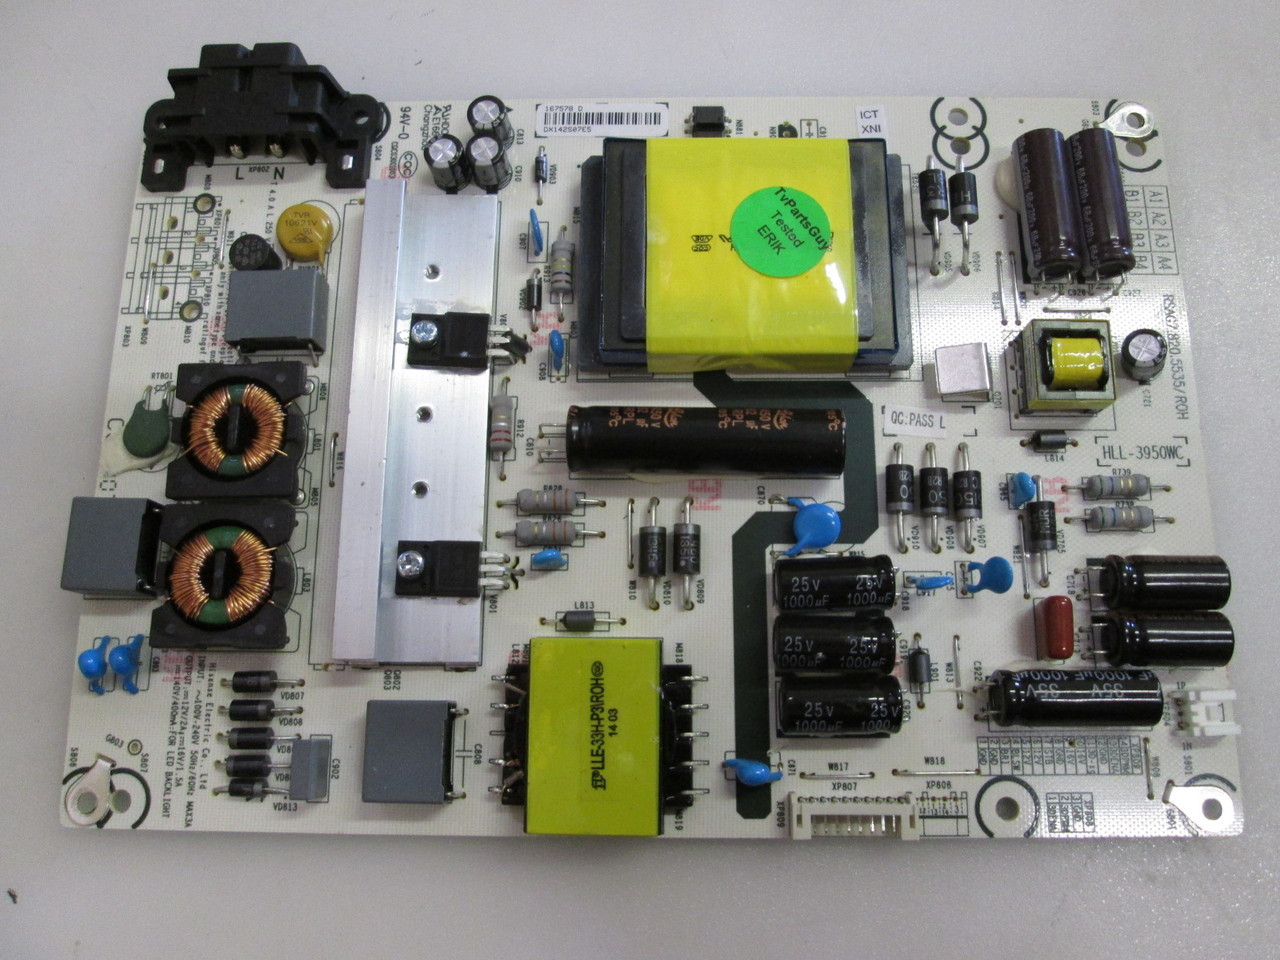 HISENSE 40K200 POWER SUPPLY BOARD RSAG7 820 5535, tv parts